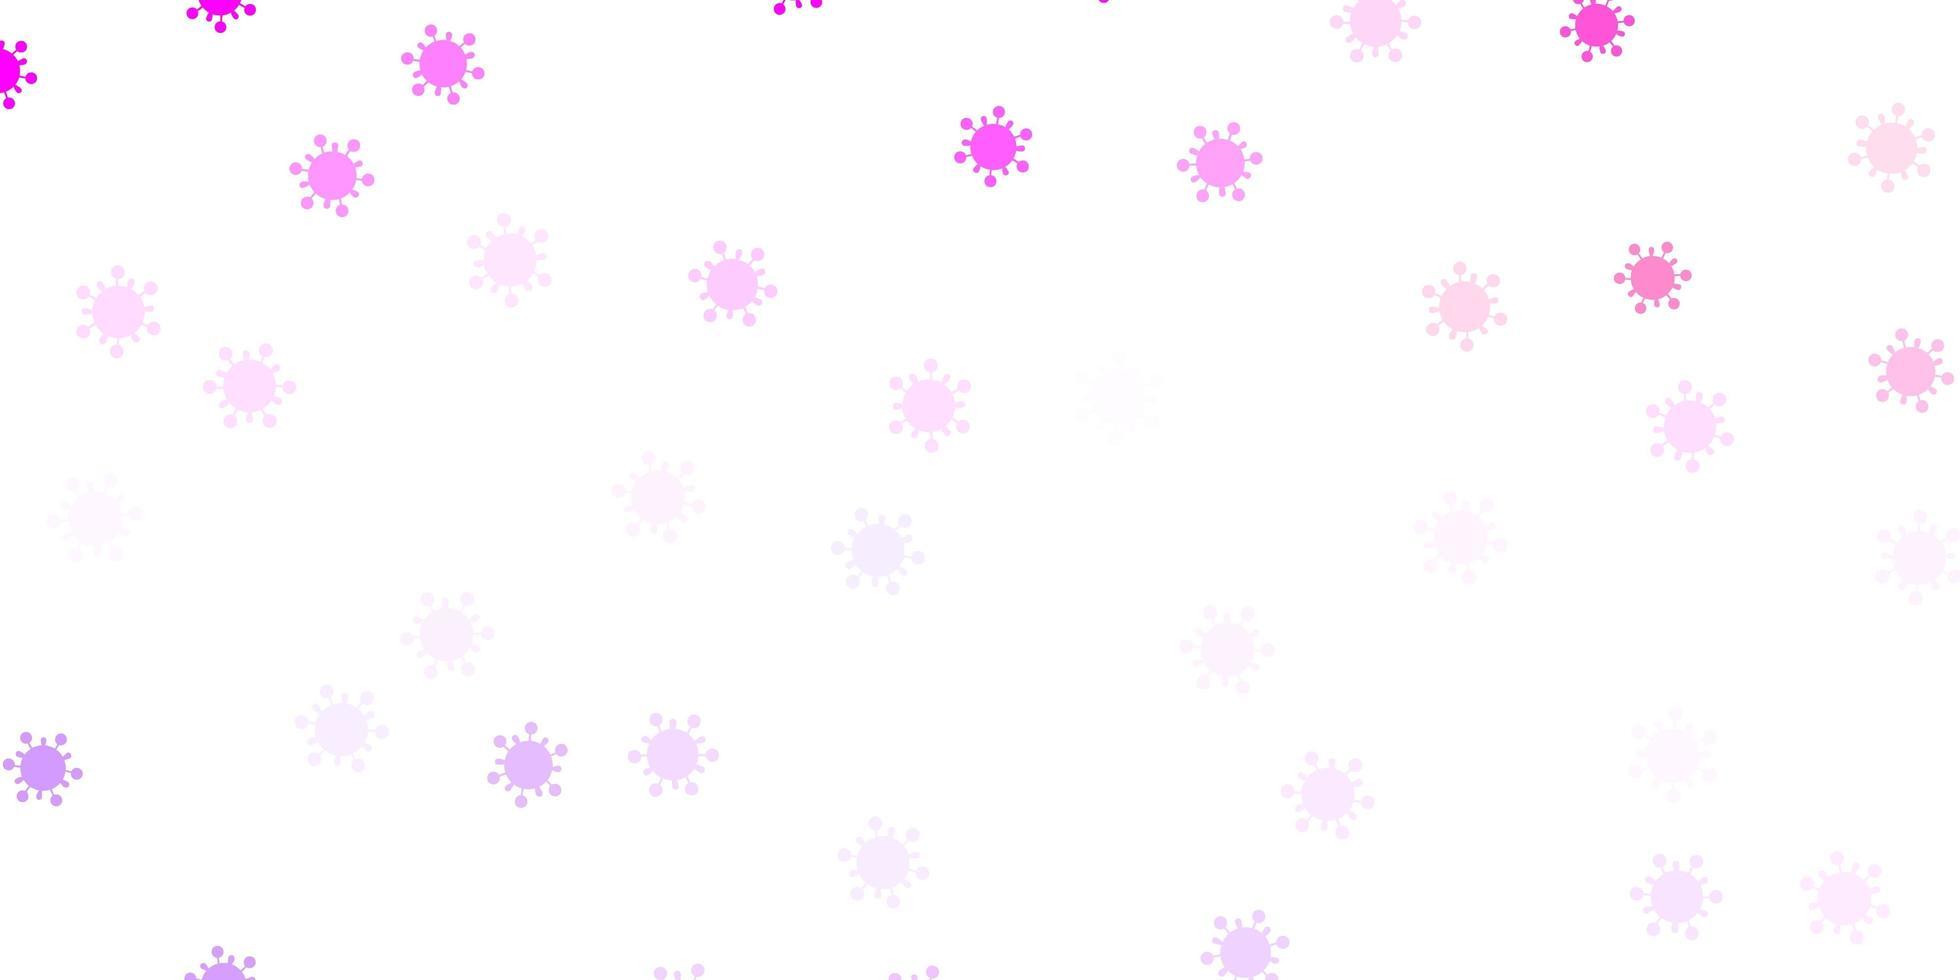 pano de fundo roxo claro, rosa com símbolos de vírus vetor